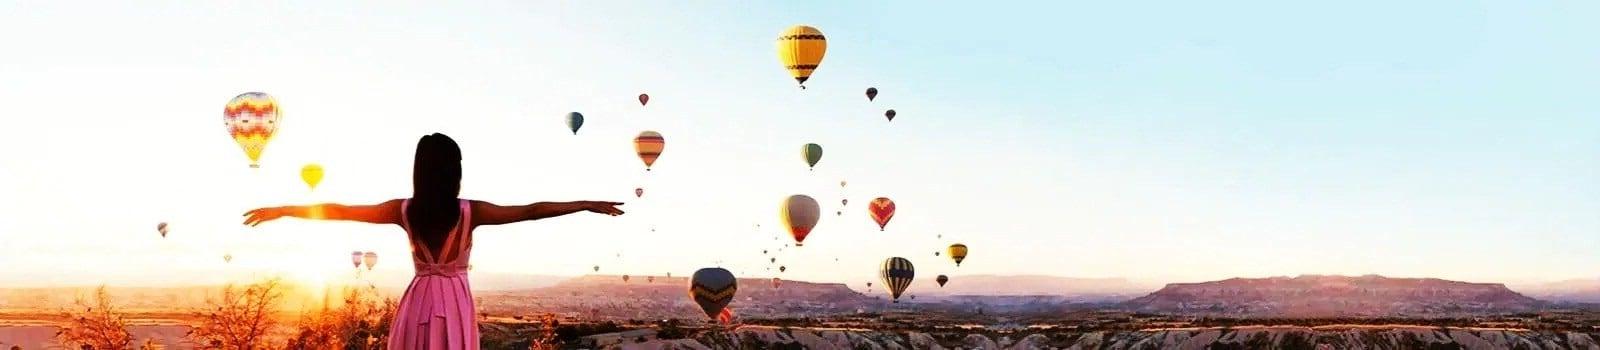 Balloon, Ball, Person